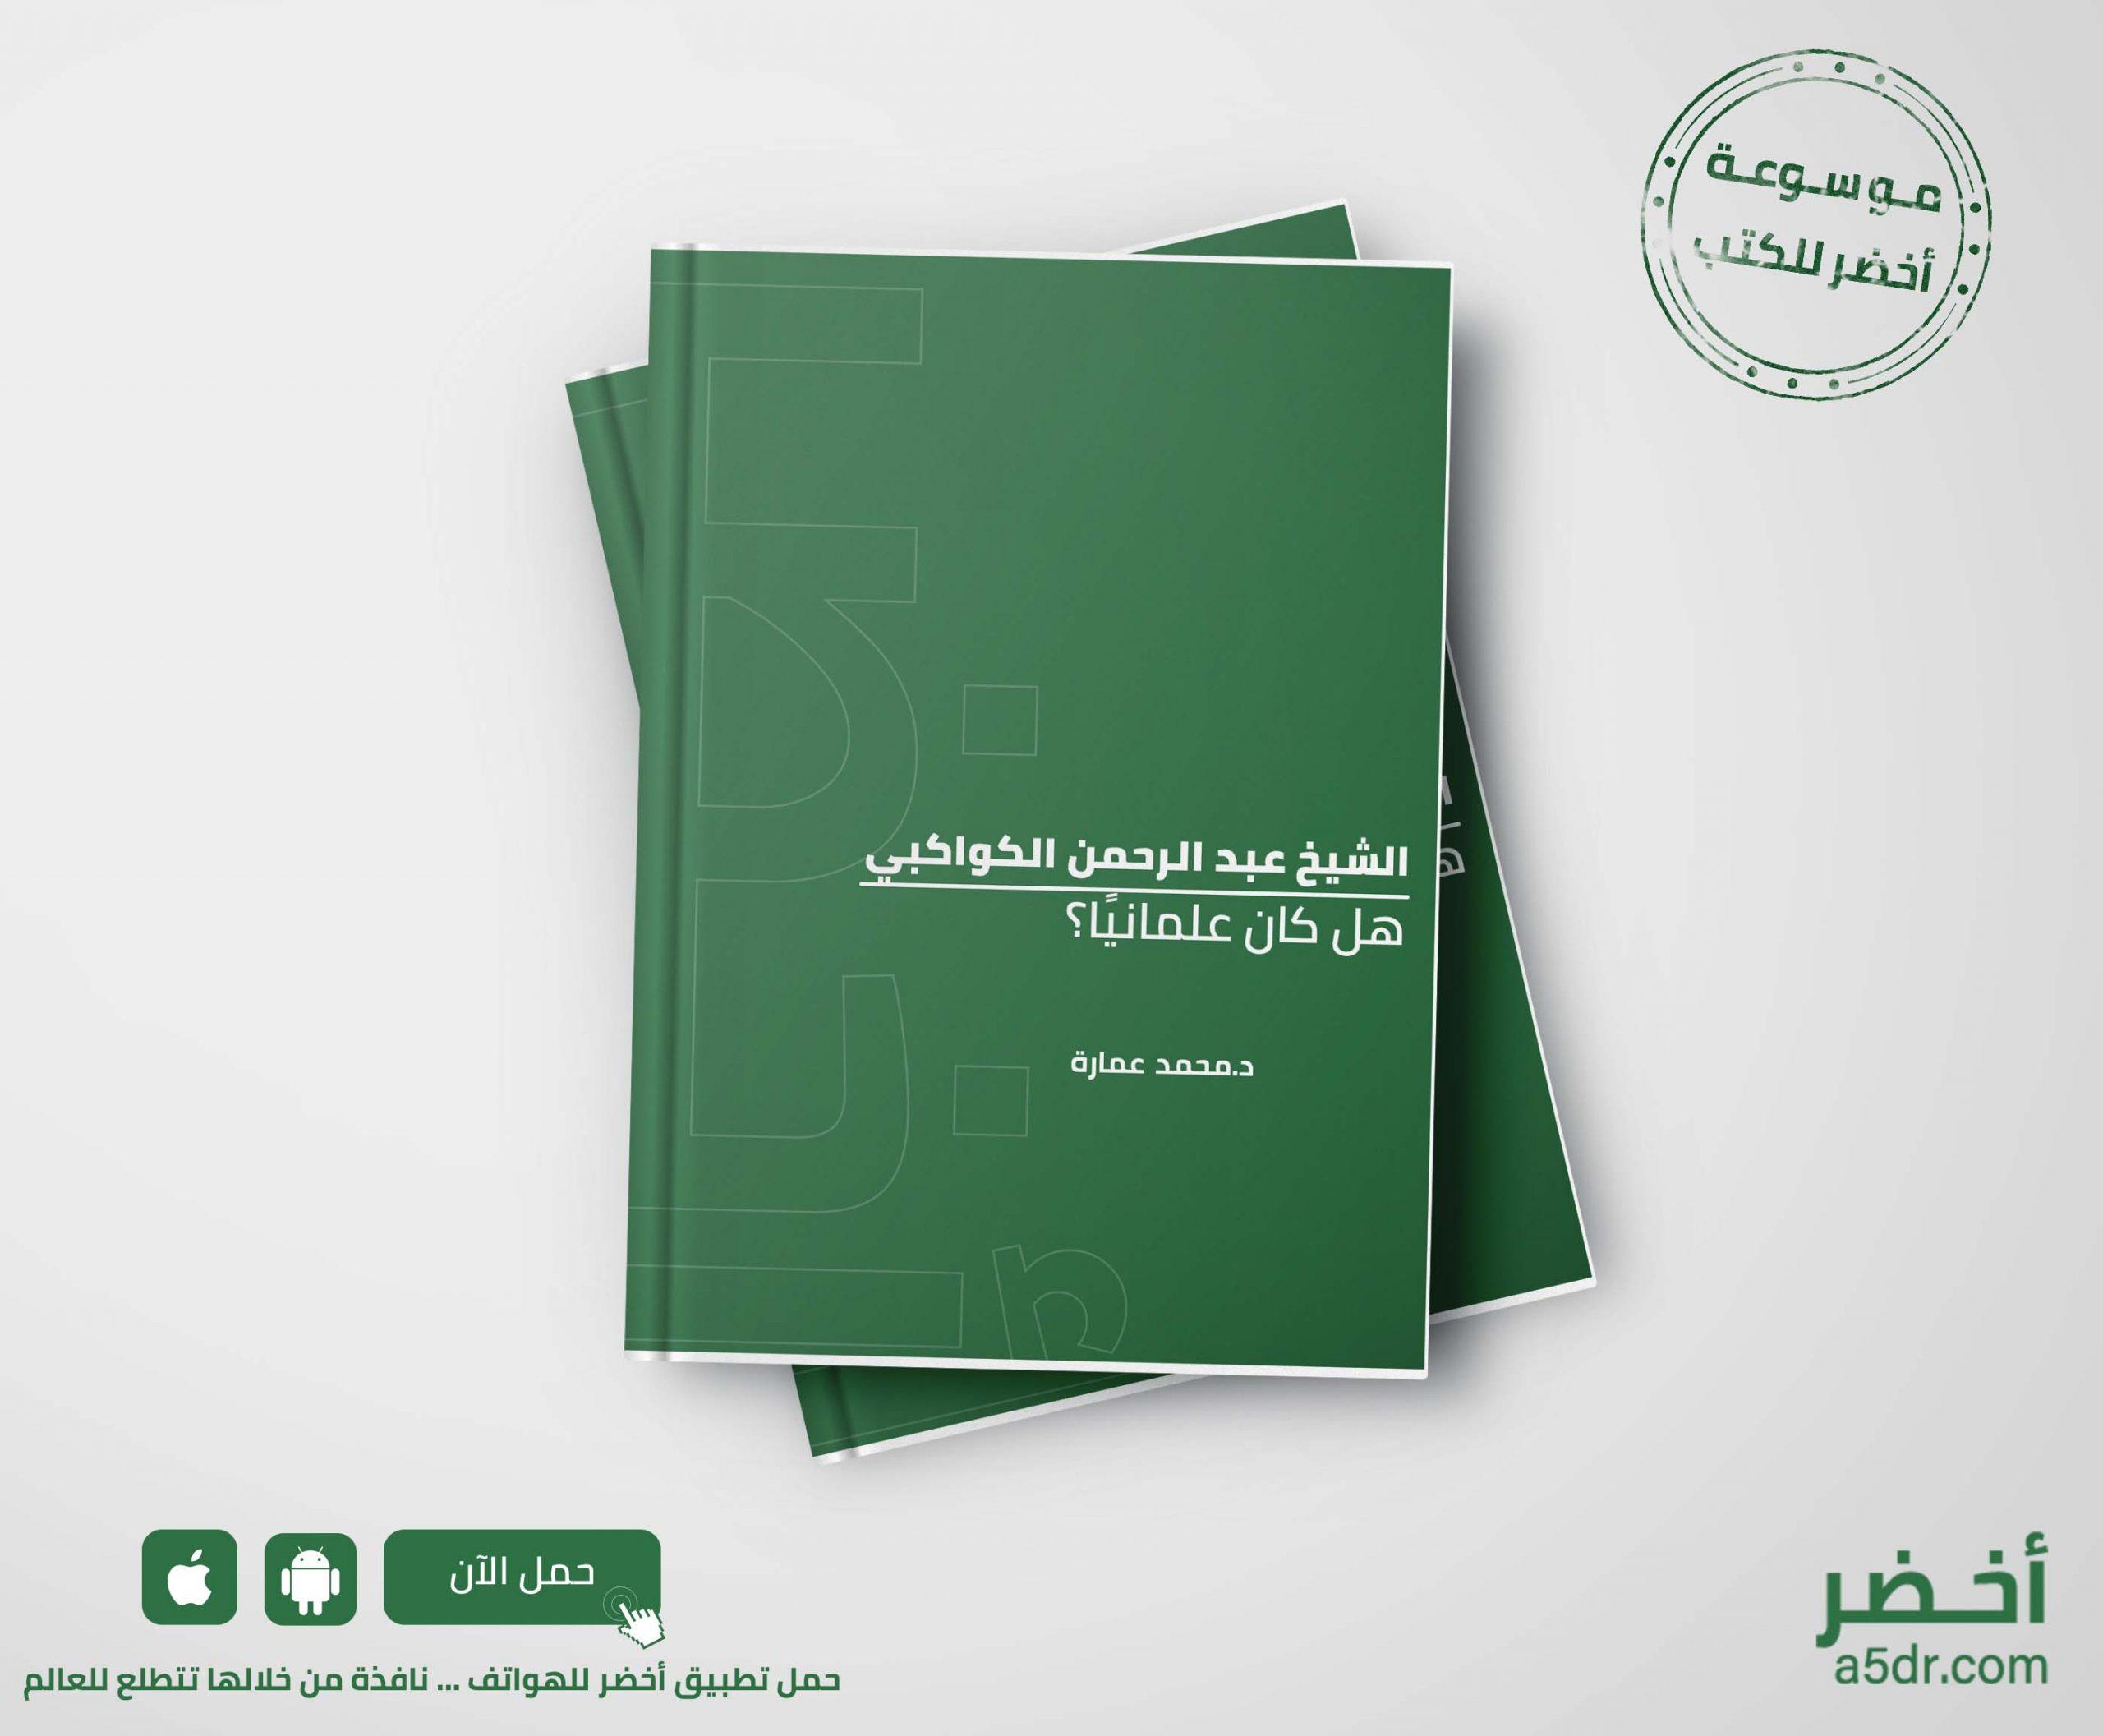 كتاب الشيخ عبد الرحمن الكواكبي: هل كان علمانيًا؟ - محمد عمارة